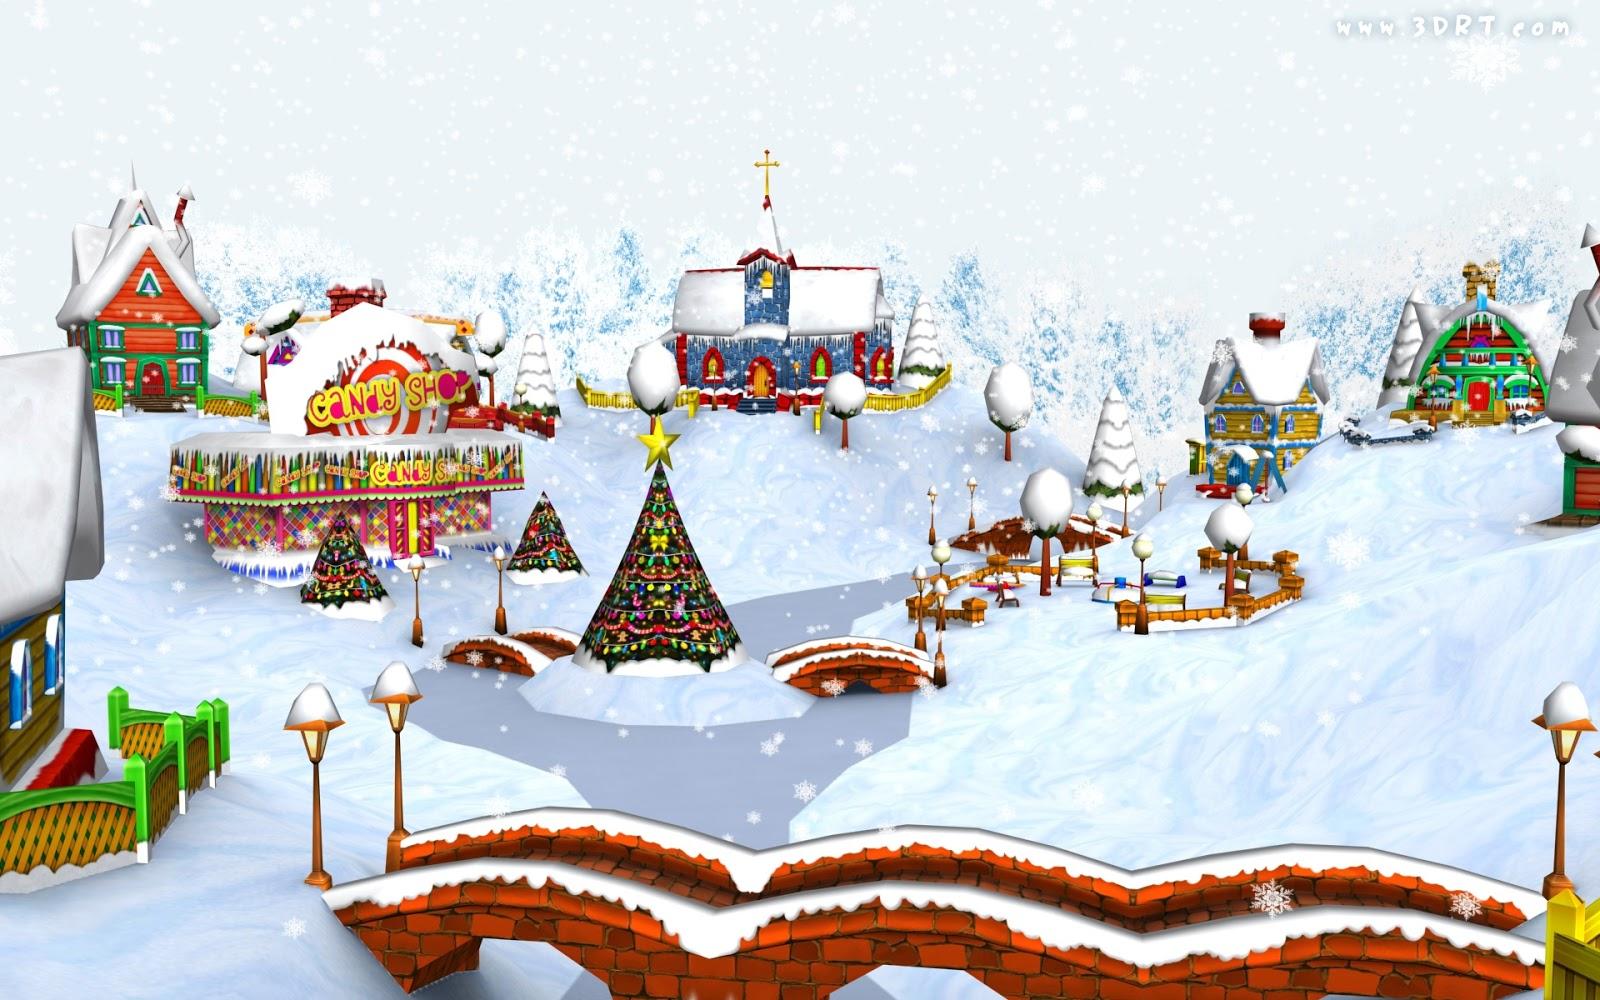 http://3.bp.blogspot.com/-MtwP99Dm5lM/UMGuoL76JsI/AAAAAAAAGVU/tKKwbXXgYjU/s1600/christmas+village+wallpaper.jpg